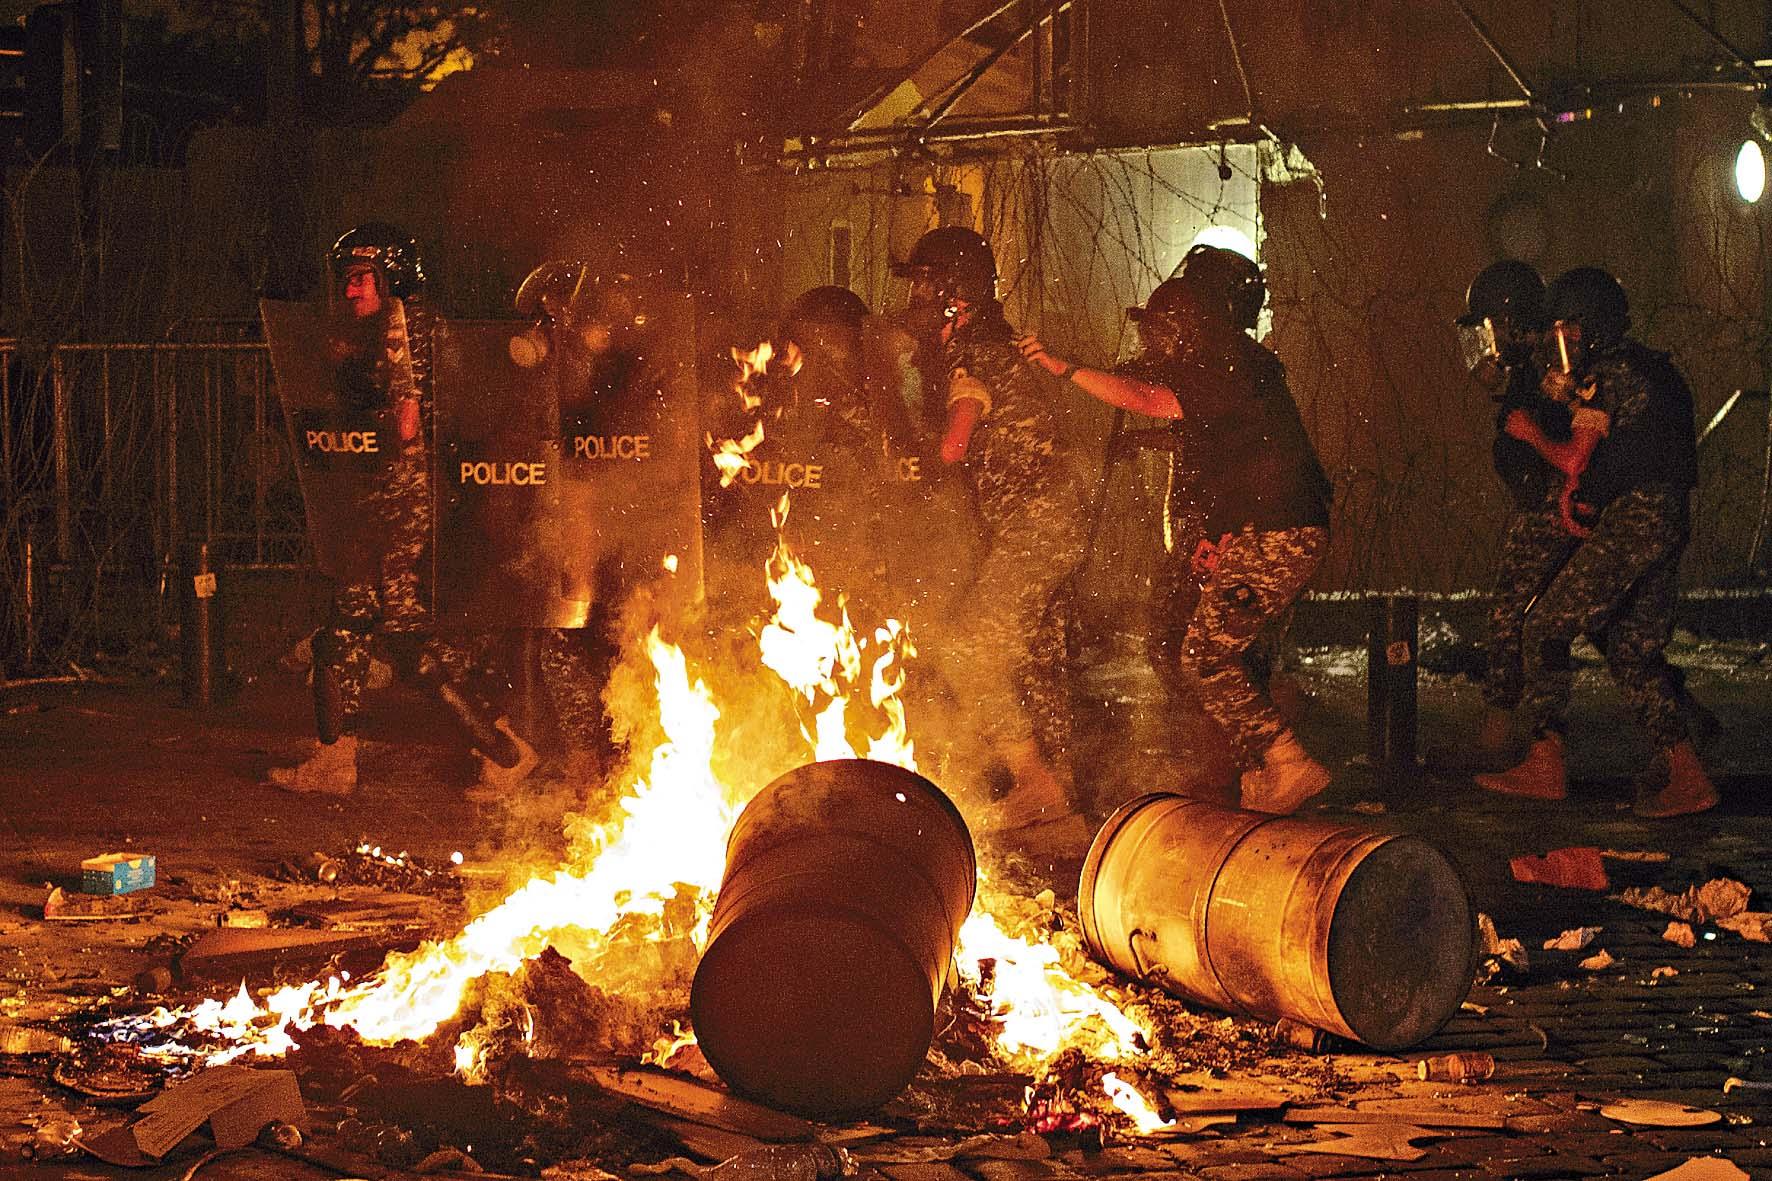 反政府示威者周五在貝魯特街頭縱火,保安部隊上前驅散人群。